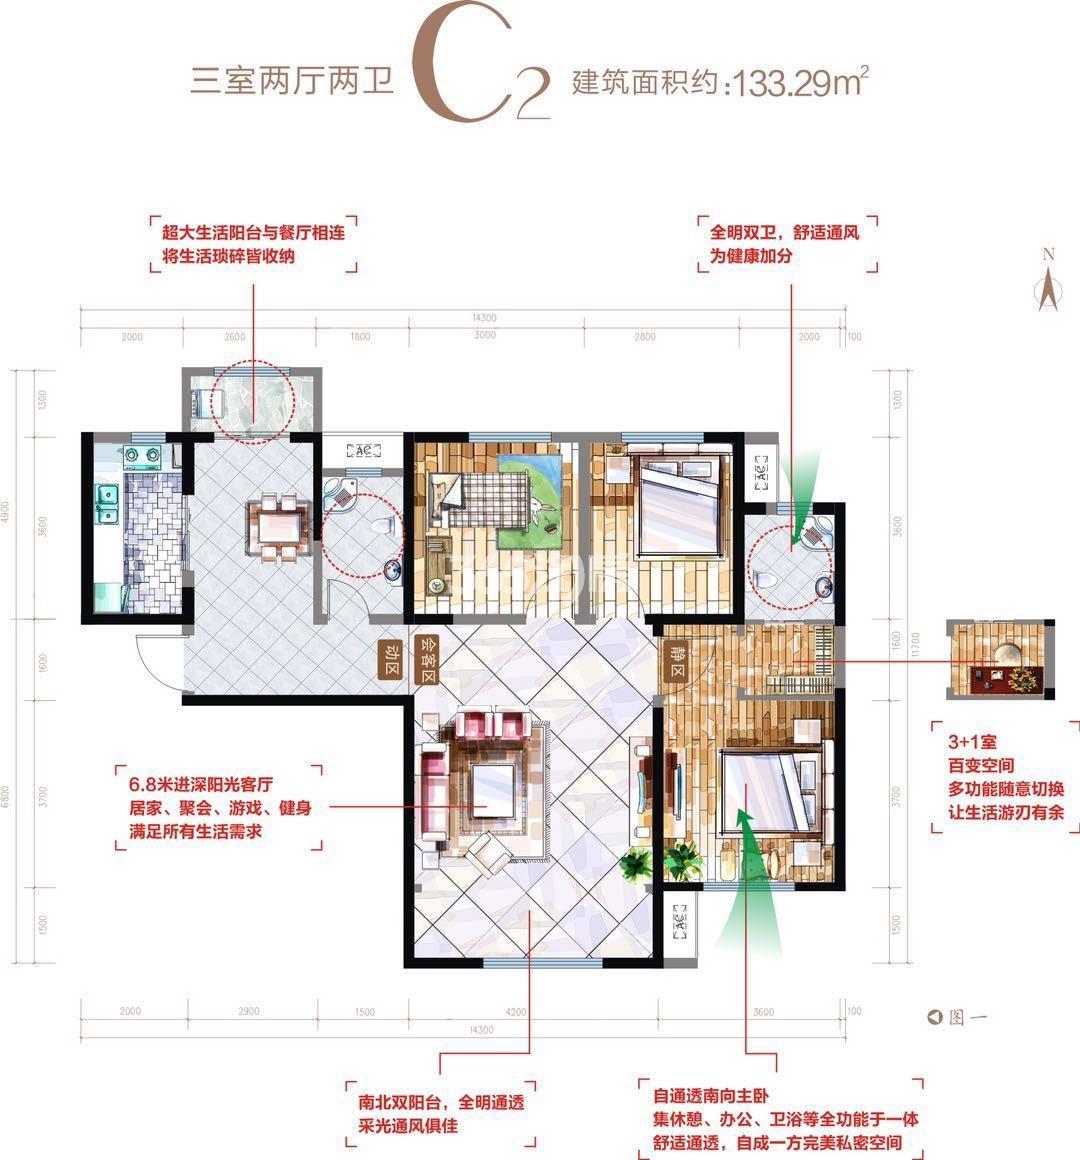 华安紫竹苑C2户型三室两厅一厨两卫133.29㎡